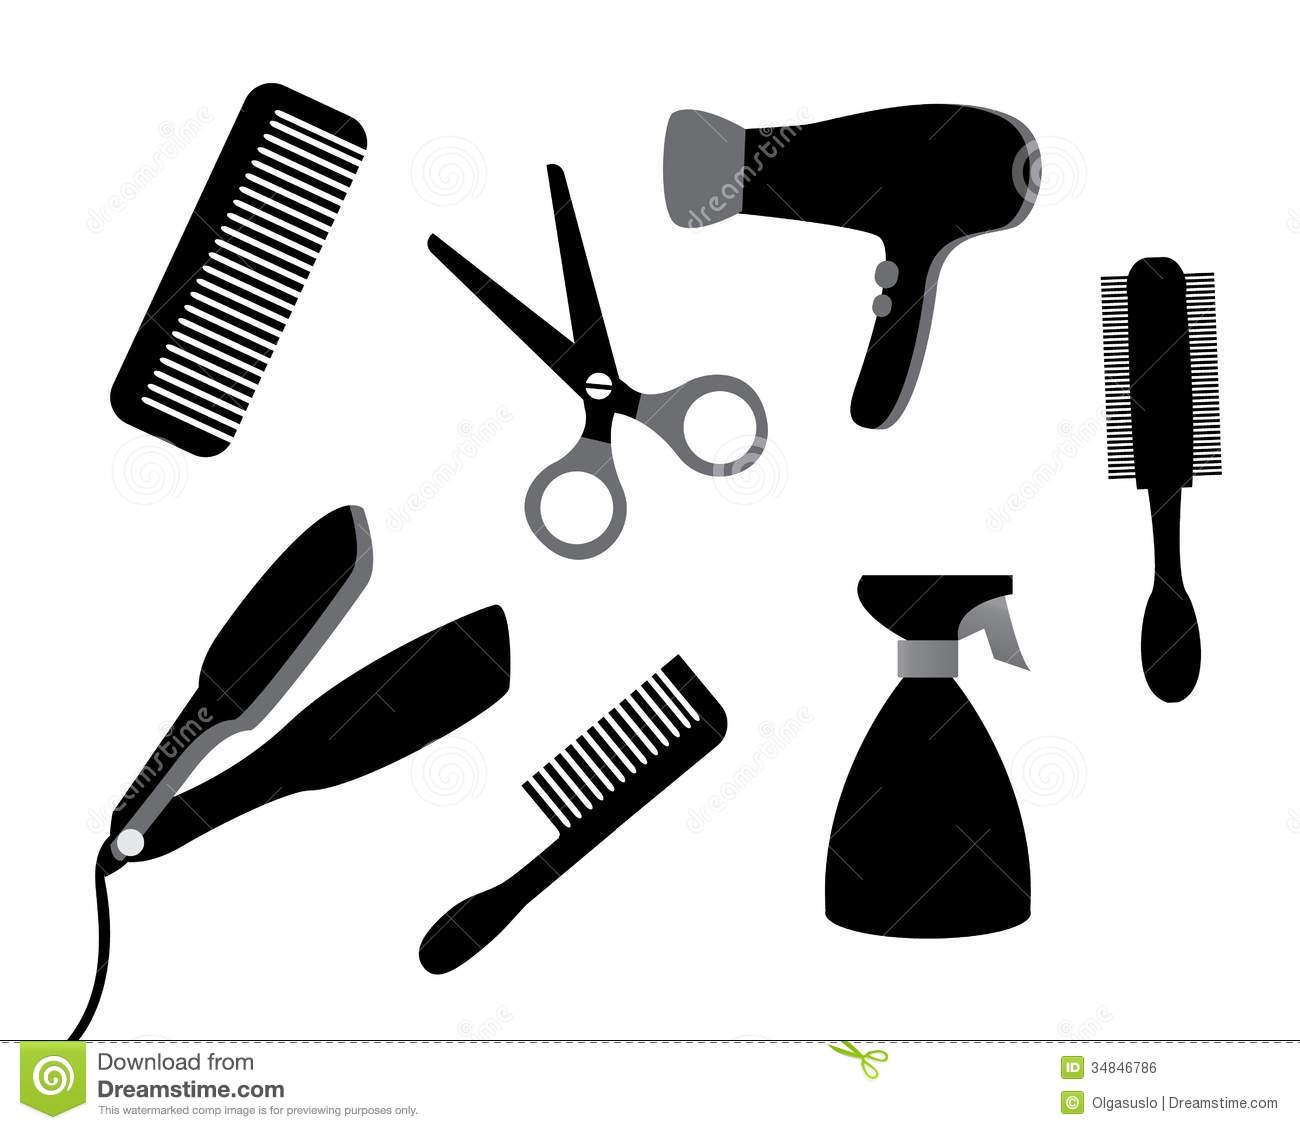 Minerva Beauty - Salon Equipment, Salon Furniture, Beauty ...